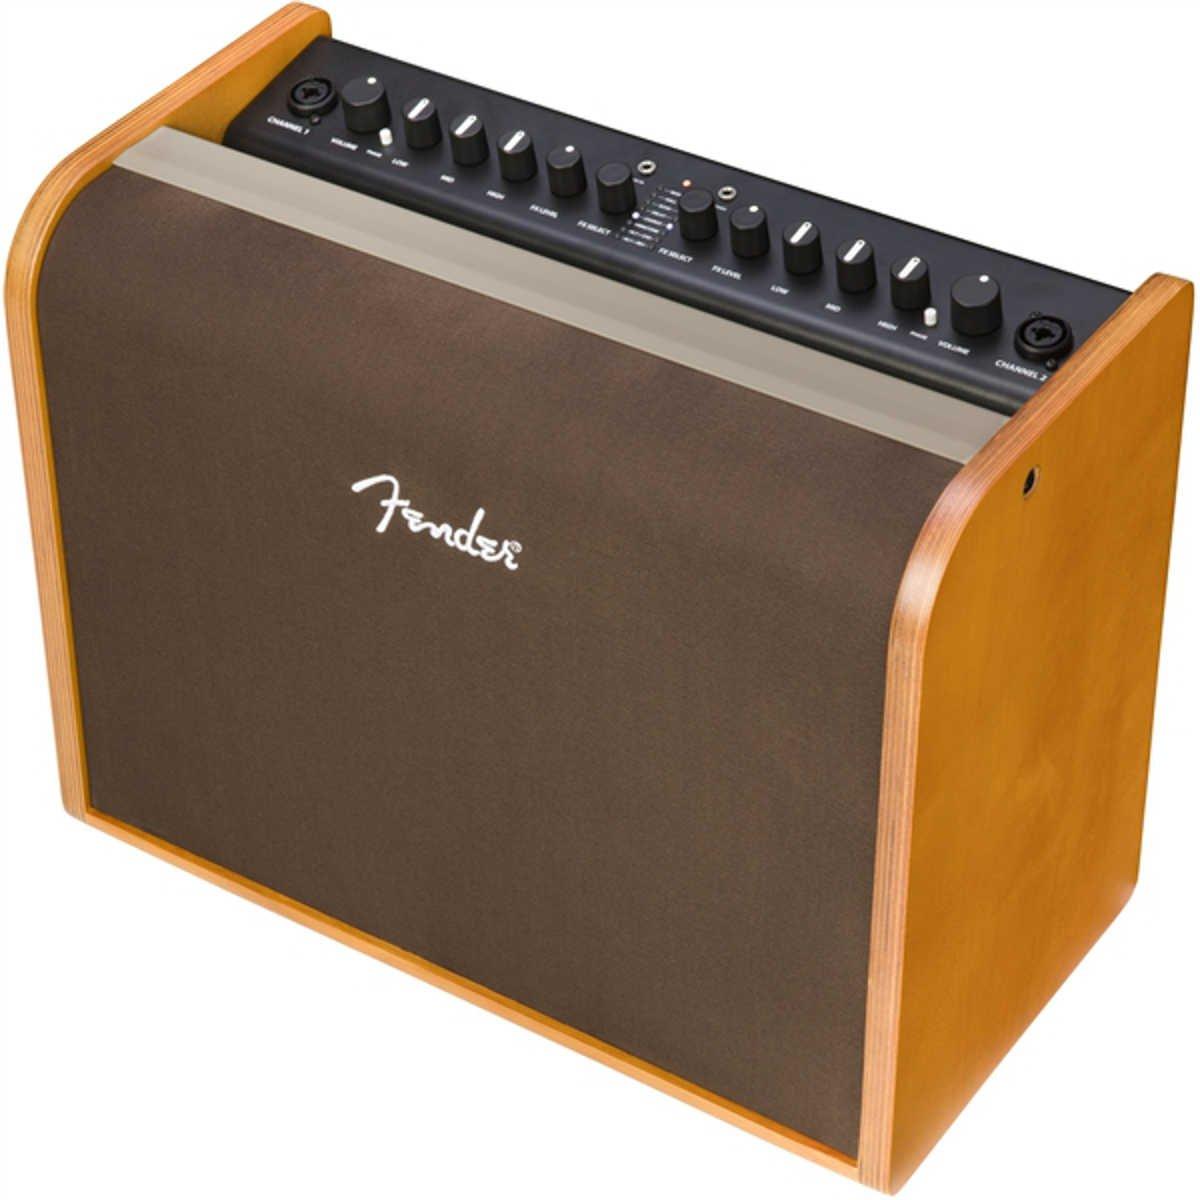 fender acoustic 100 acoustic guitar amp music world. Black Bedroom Furniture Sets. Home Design Ideas